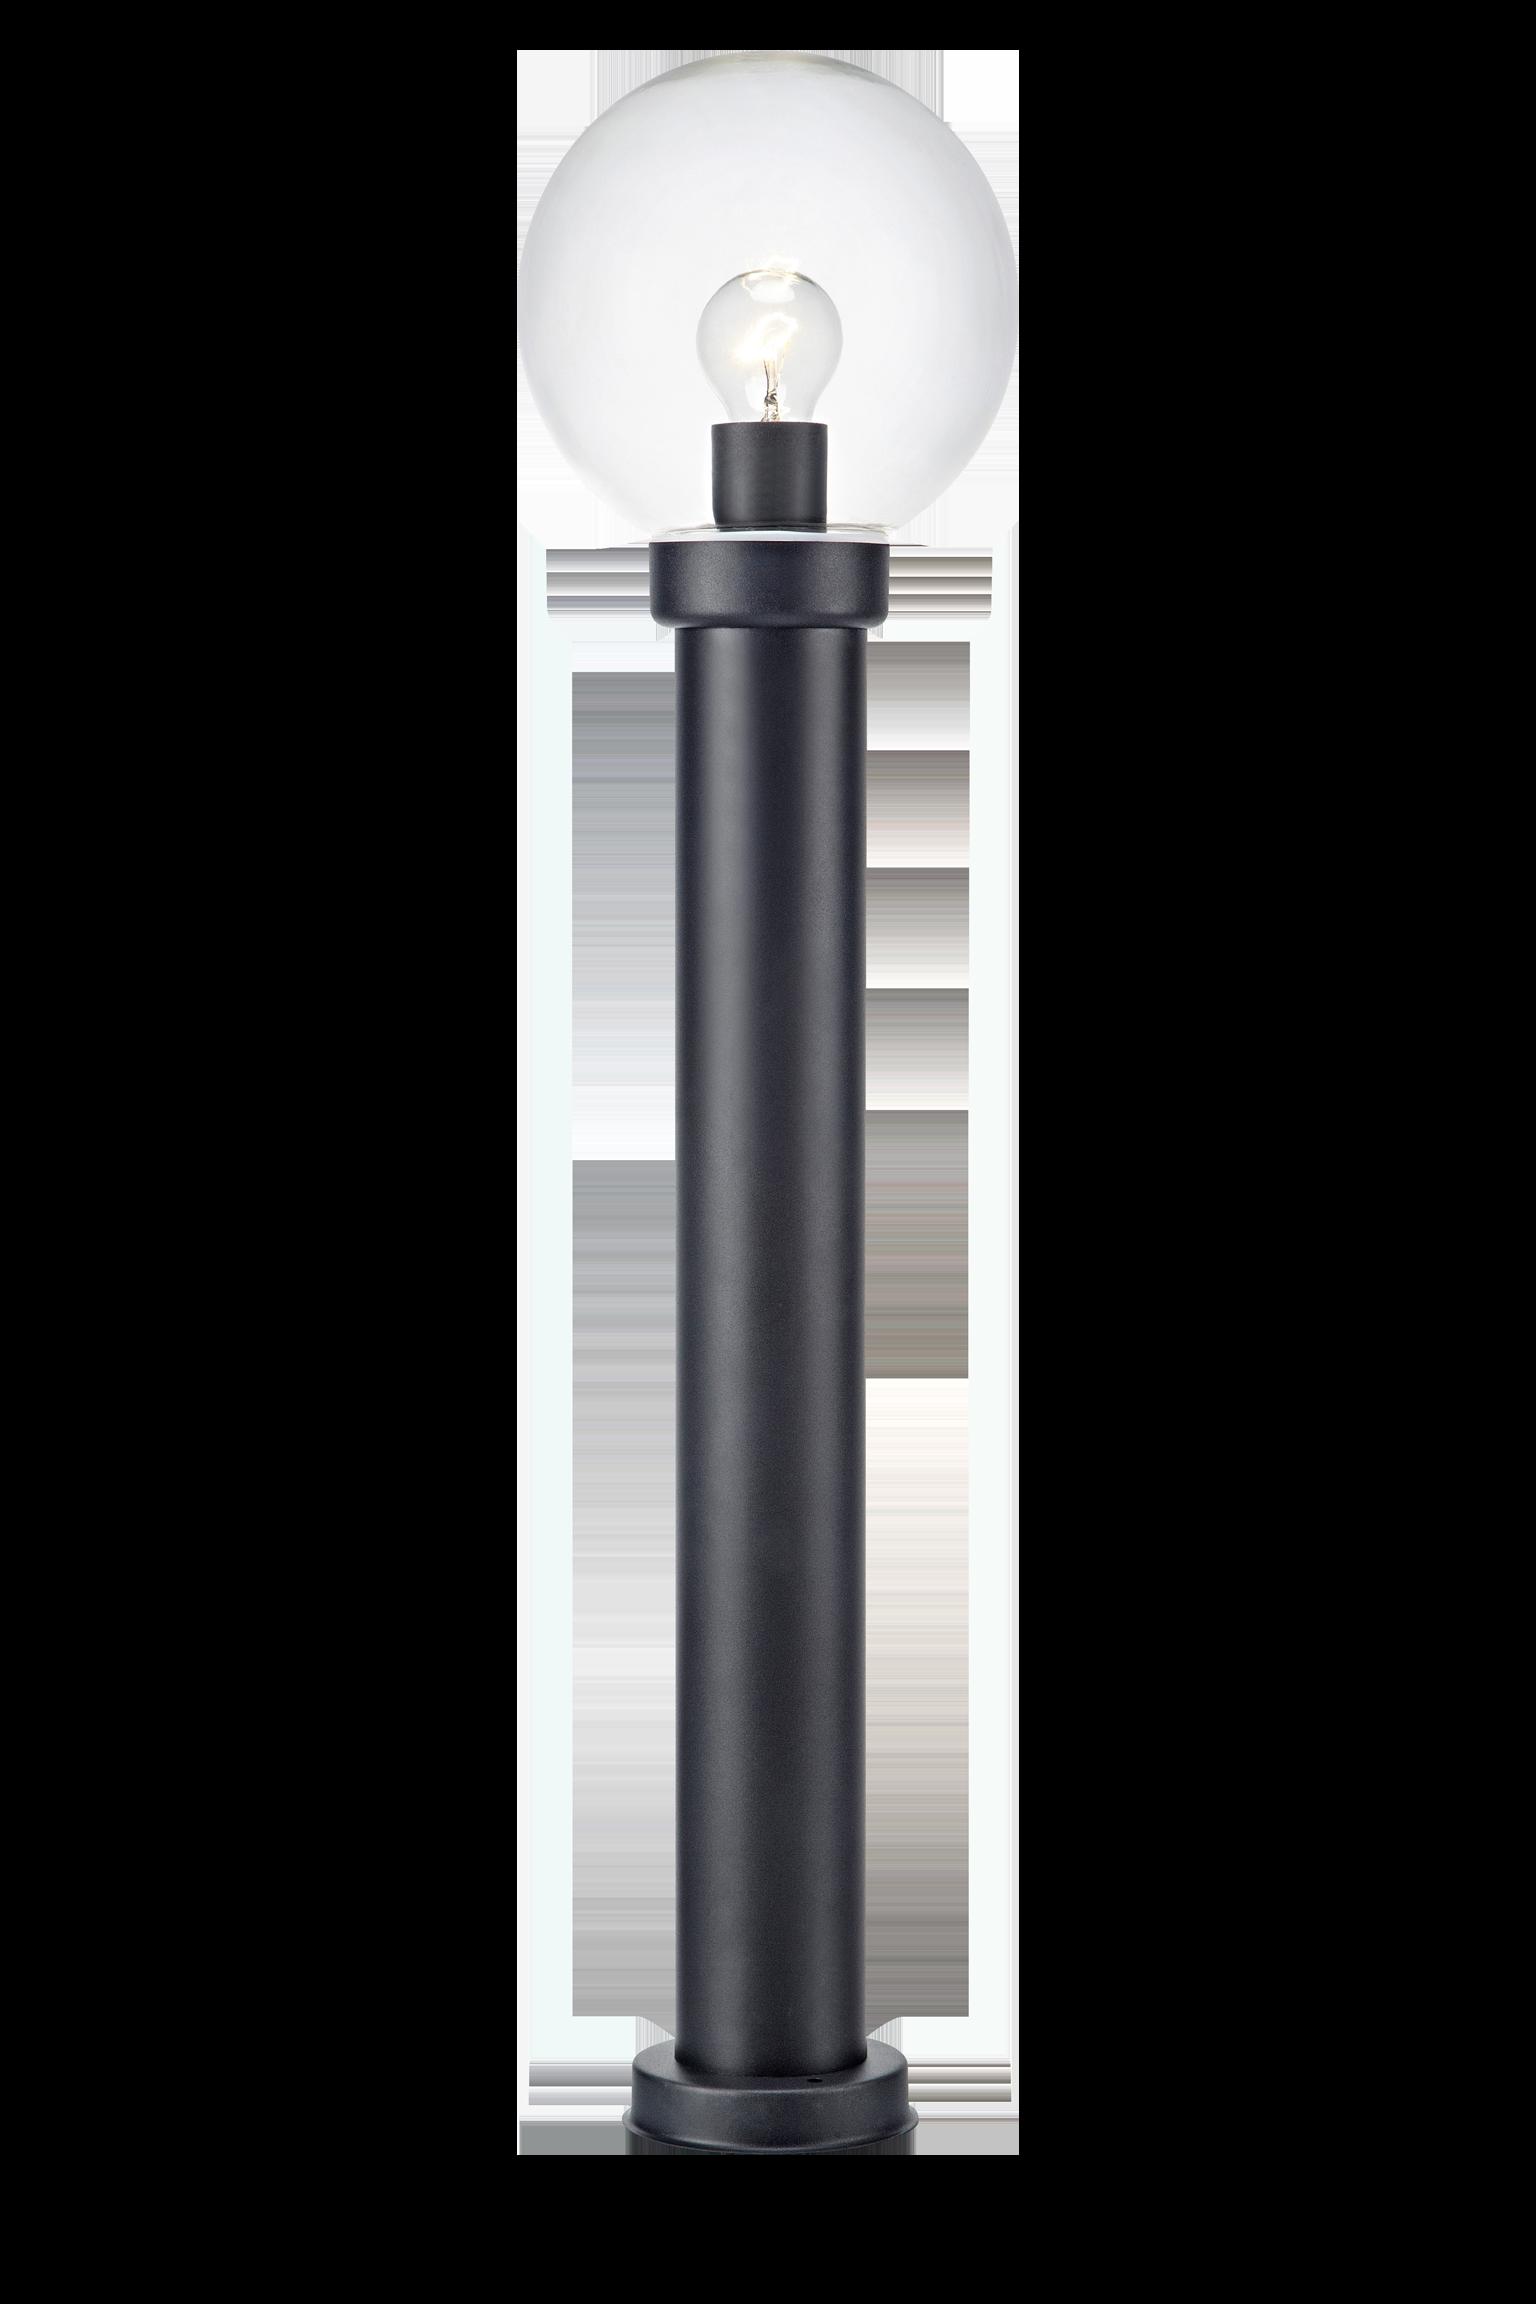 CARIS - Pole